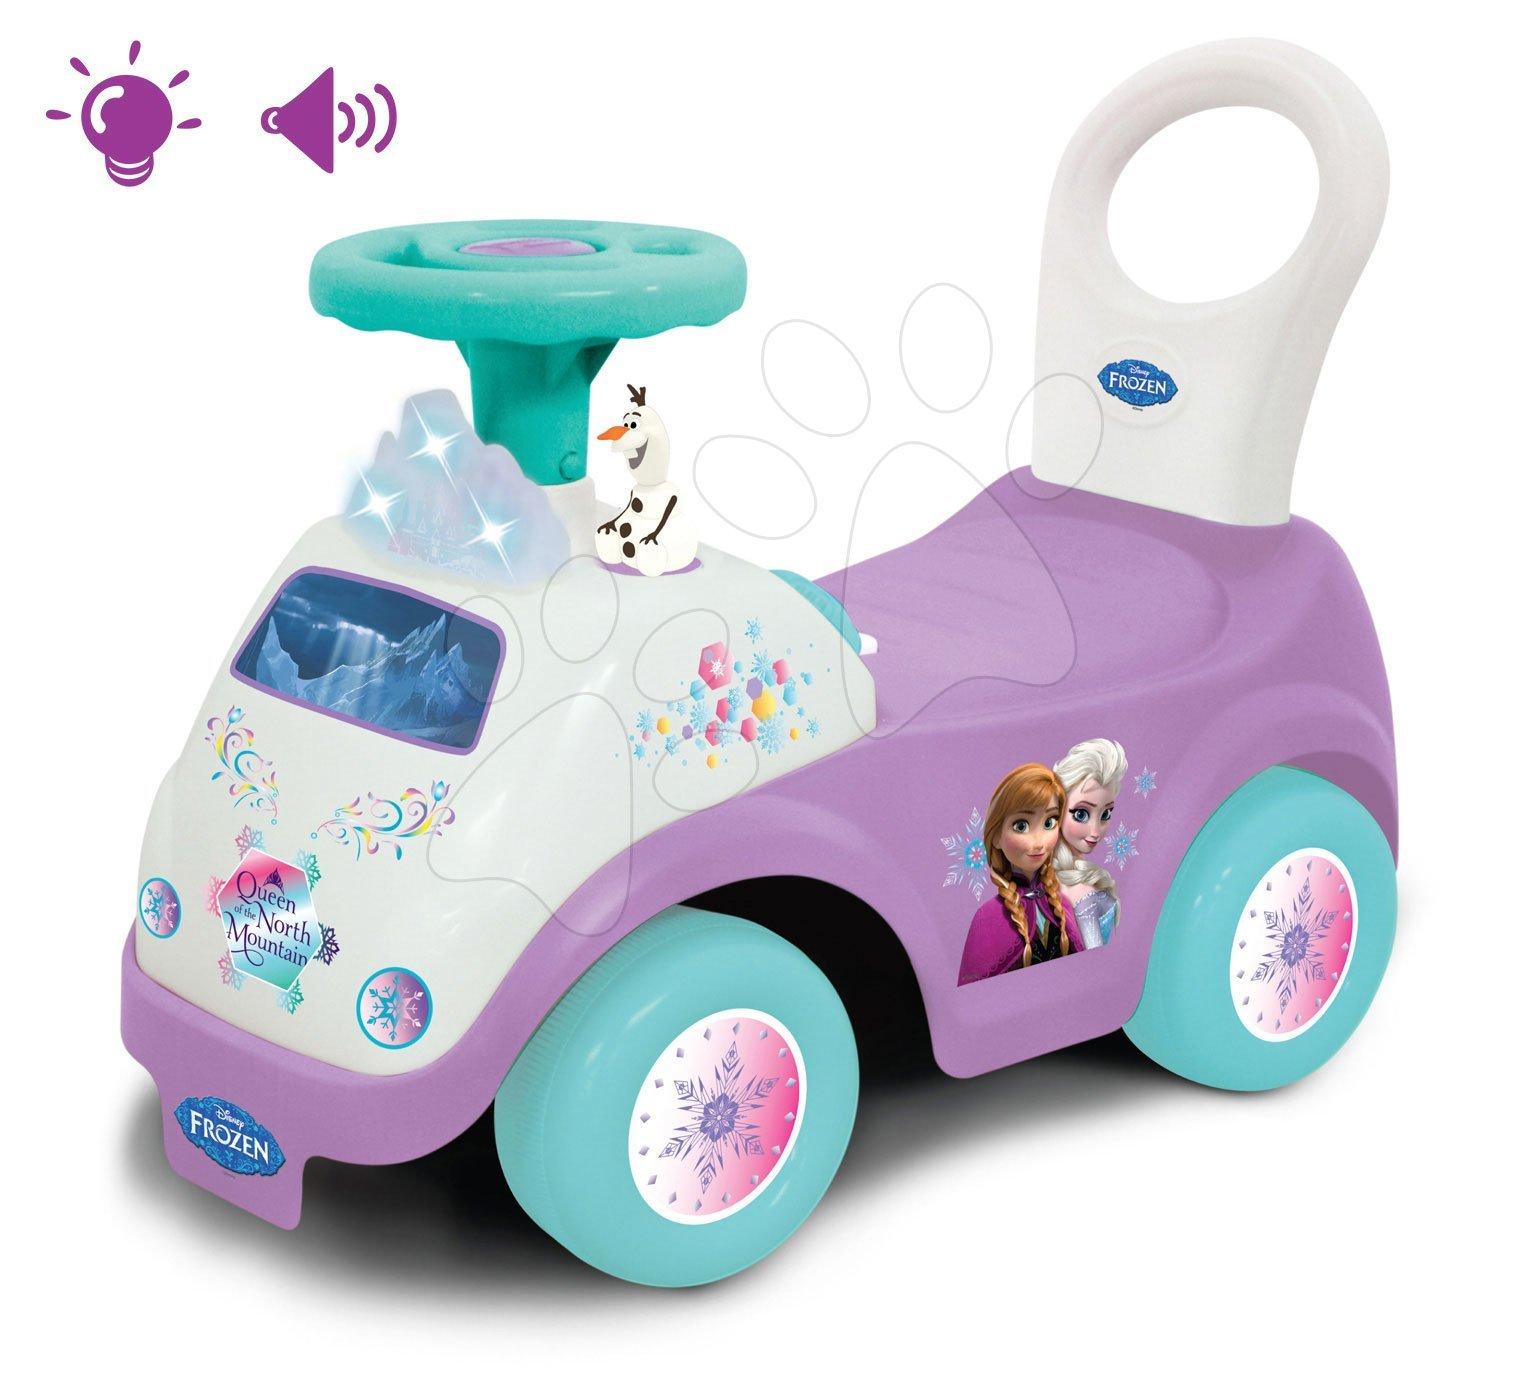 Elektronski poganjalec Disney Frozen Kiddieland z lučko in glasbo vijoličen od 12 mes